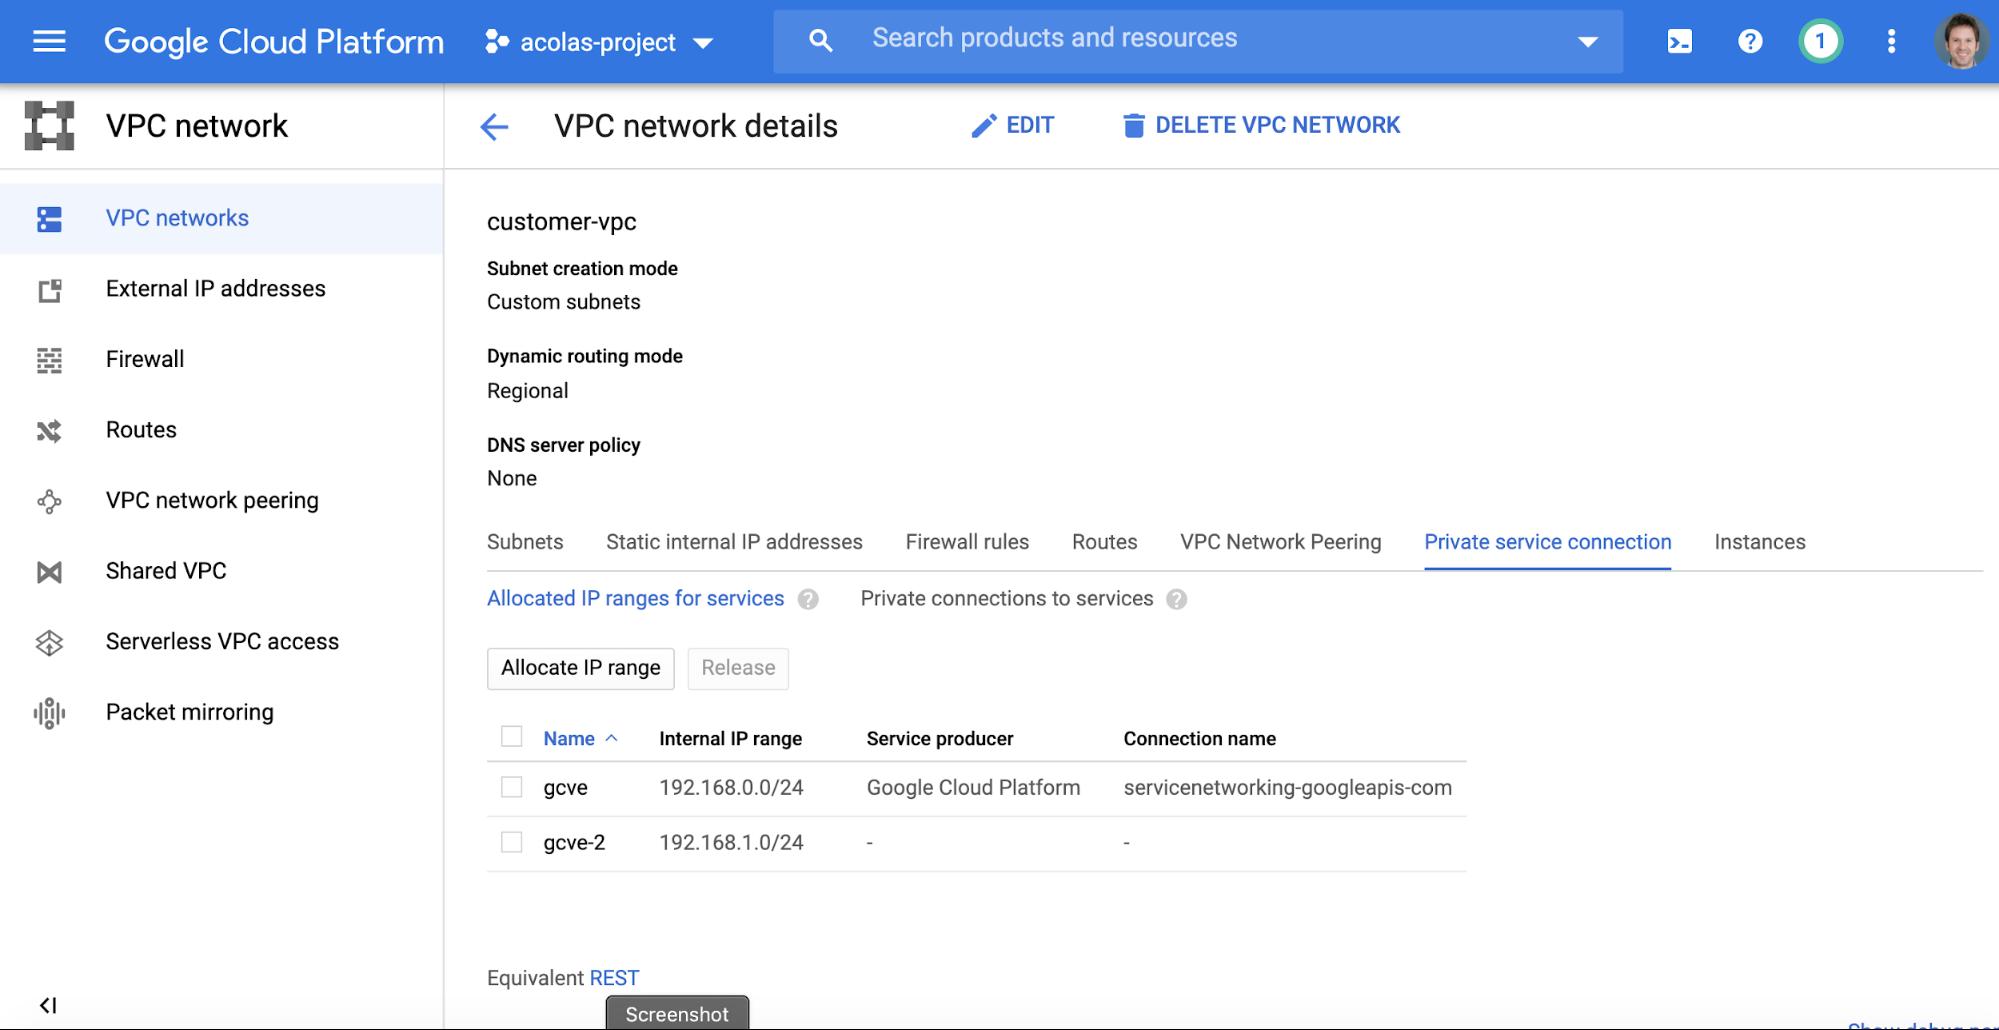 VMware Engine の CIDR ブロックがプライベート サービス接続に使用されています。